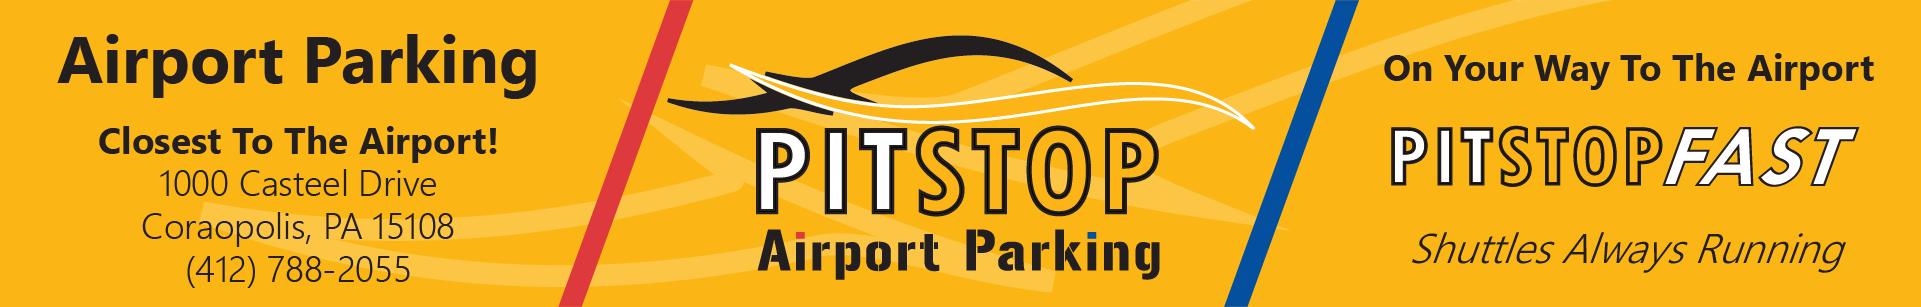 PIT Stop Slider image